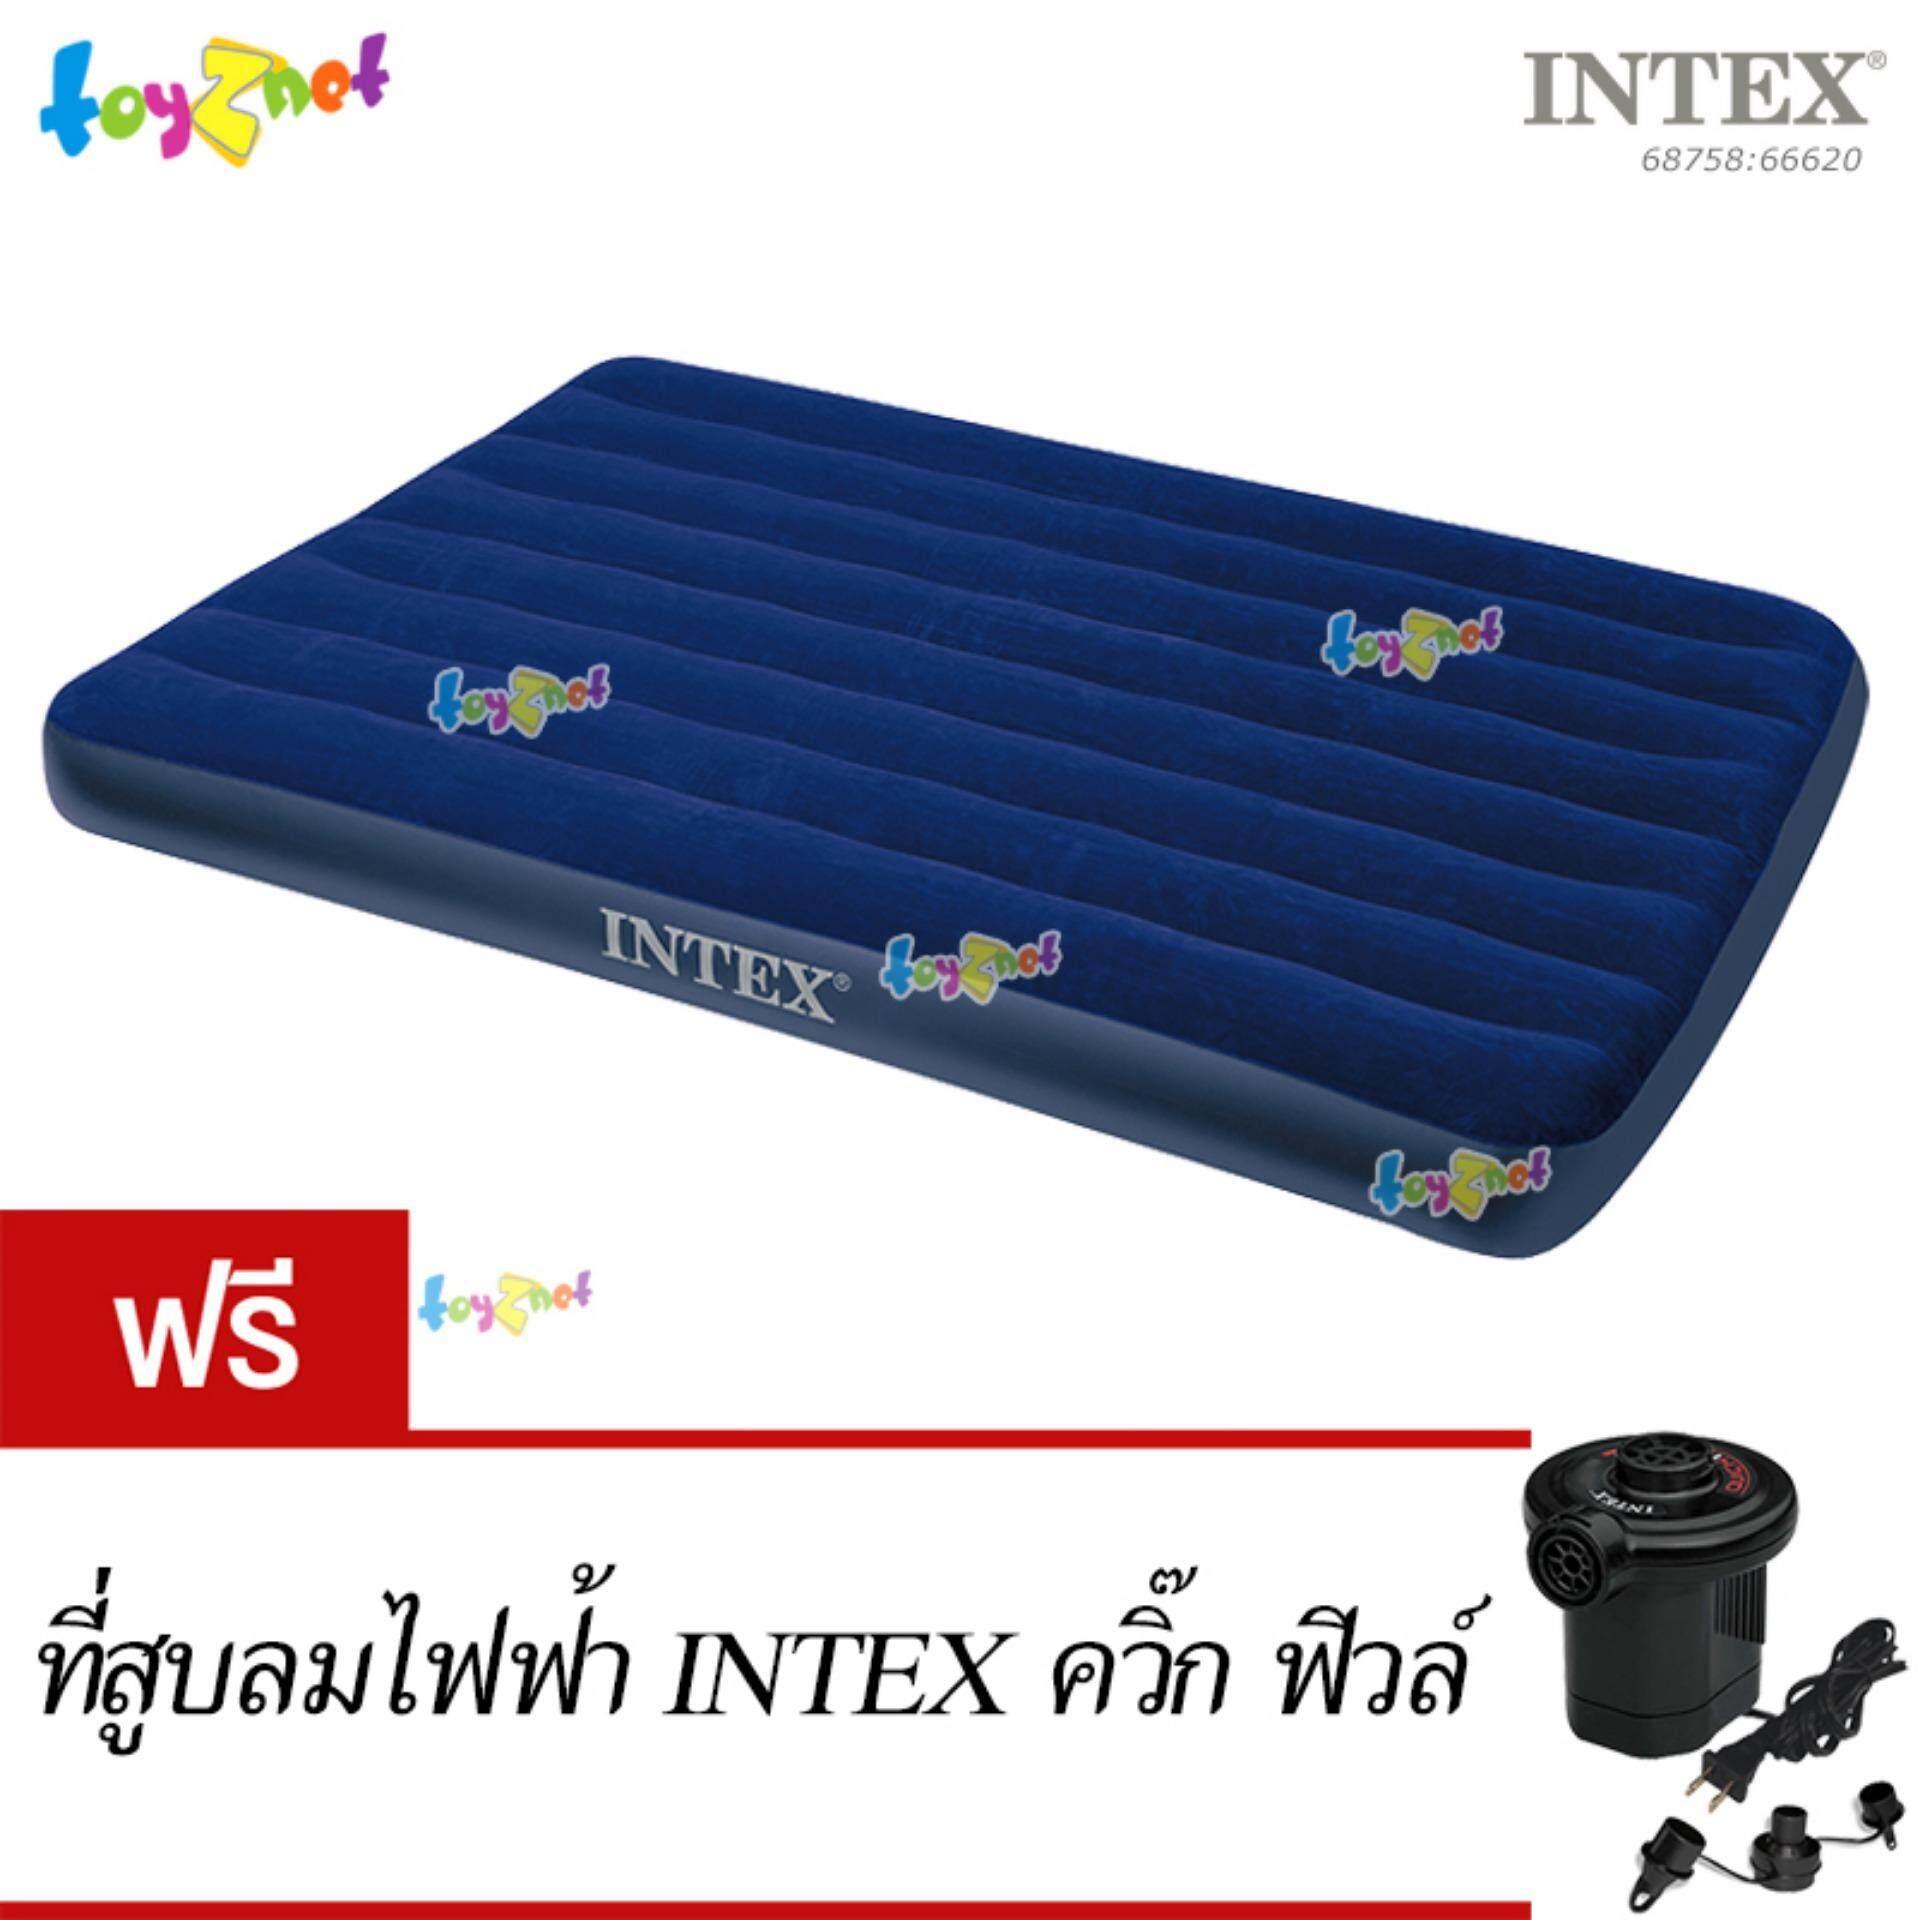 ขาย Intex ที่นอนเป่าลม แค้มป์ แคมป์ปิ้ง ปิคนิค 4 5 ฟุต ฟูล รุ่น 68758 ฟรี ที่สูบลมไฟฟ้า Intex ควิ๊กฟิวล์ Intex เป็นต้นฉบับ